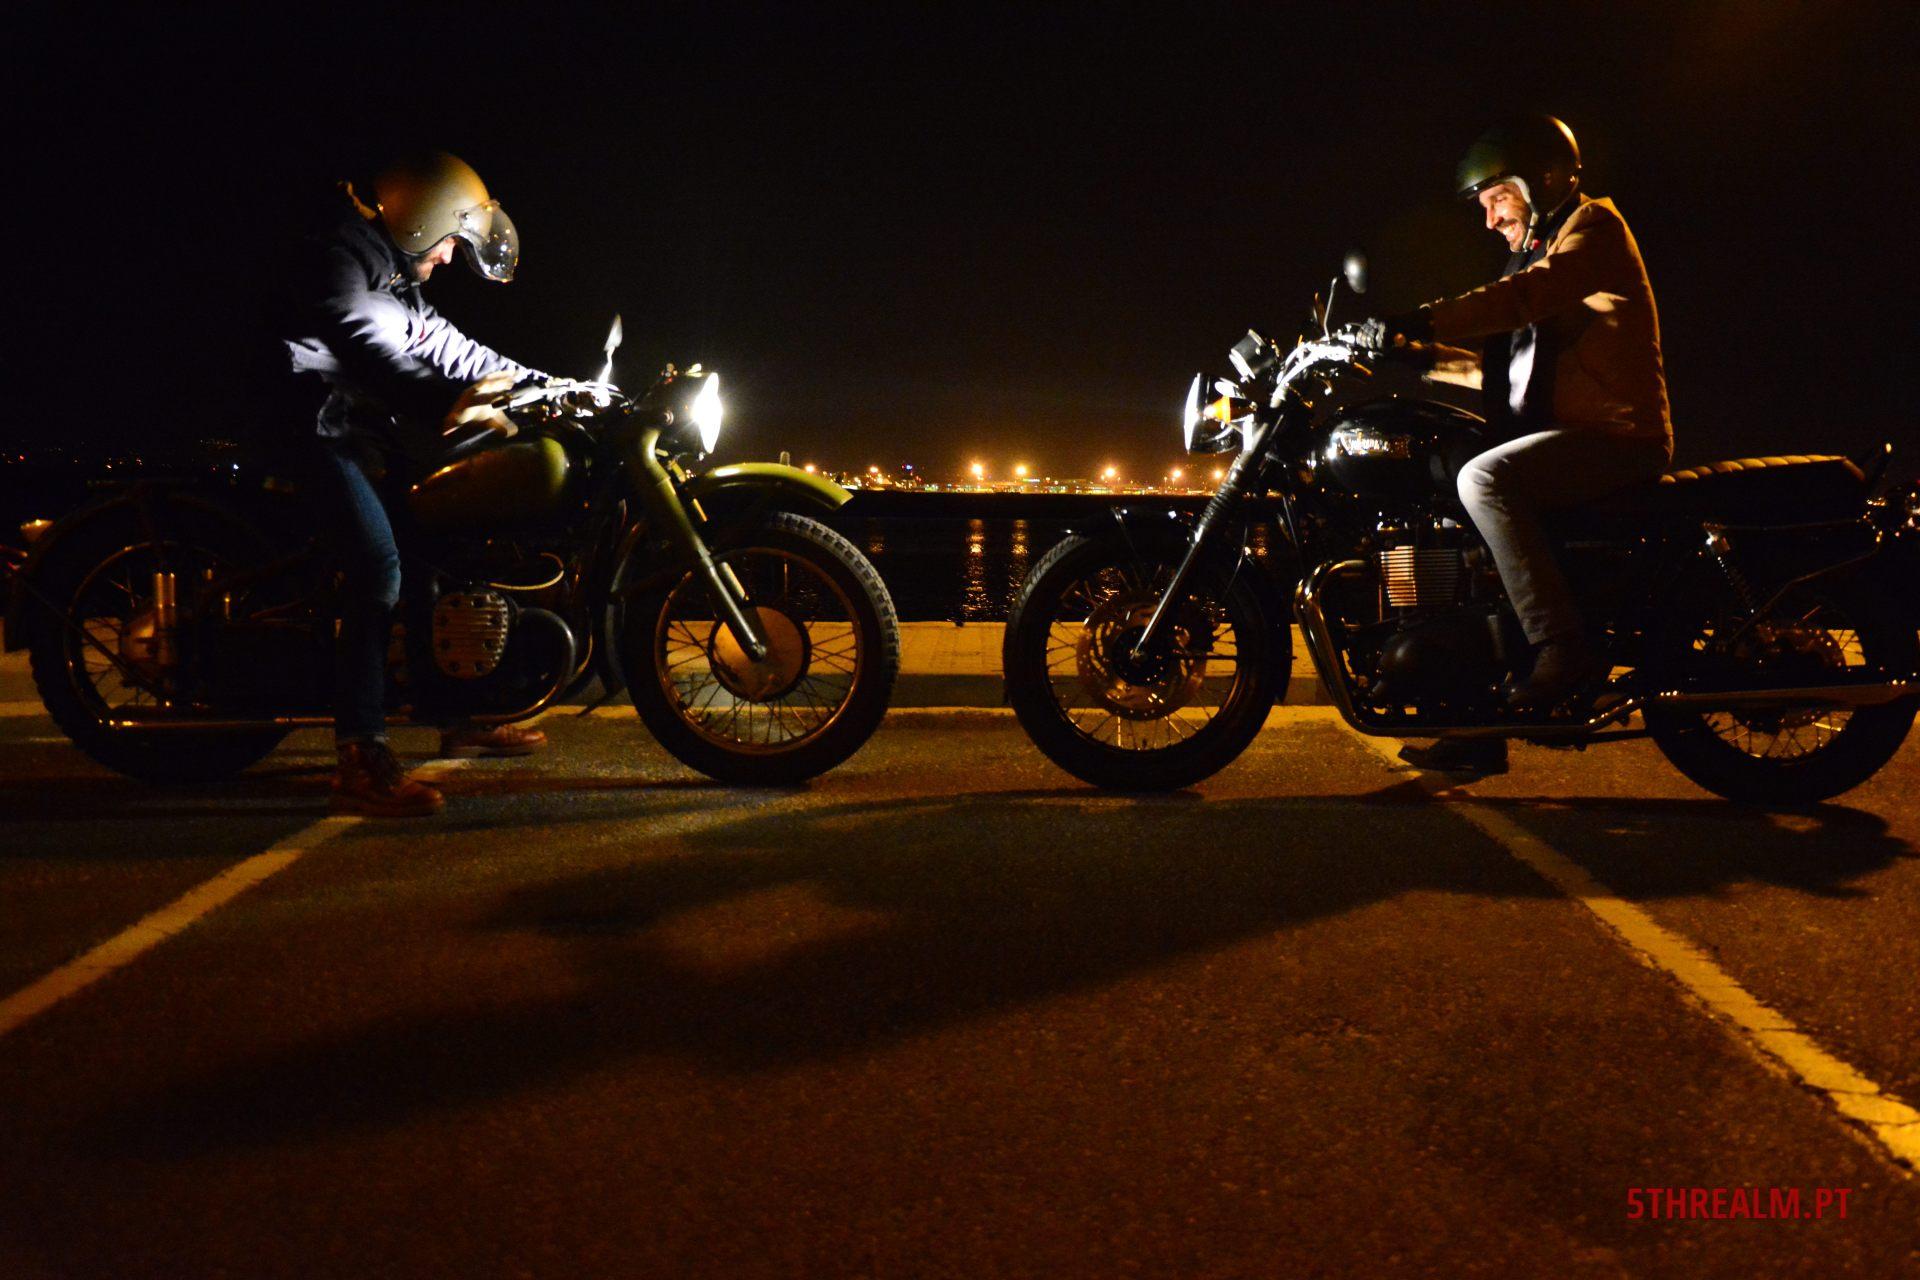 Chang Jiang 750, Triumph Bonneville T100 Black, Praia de Faro